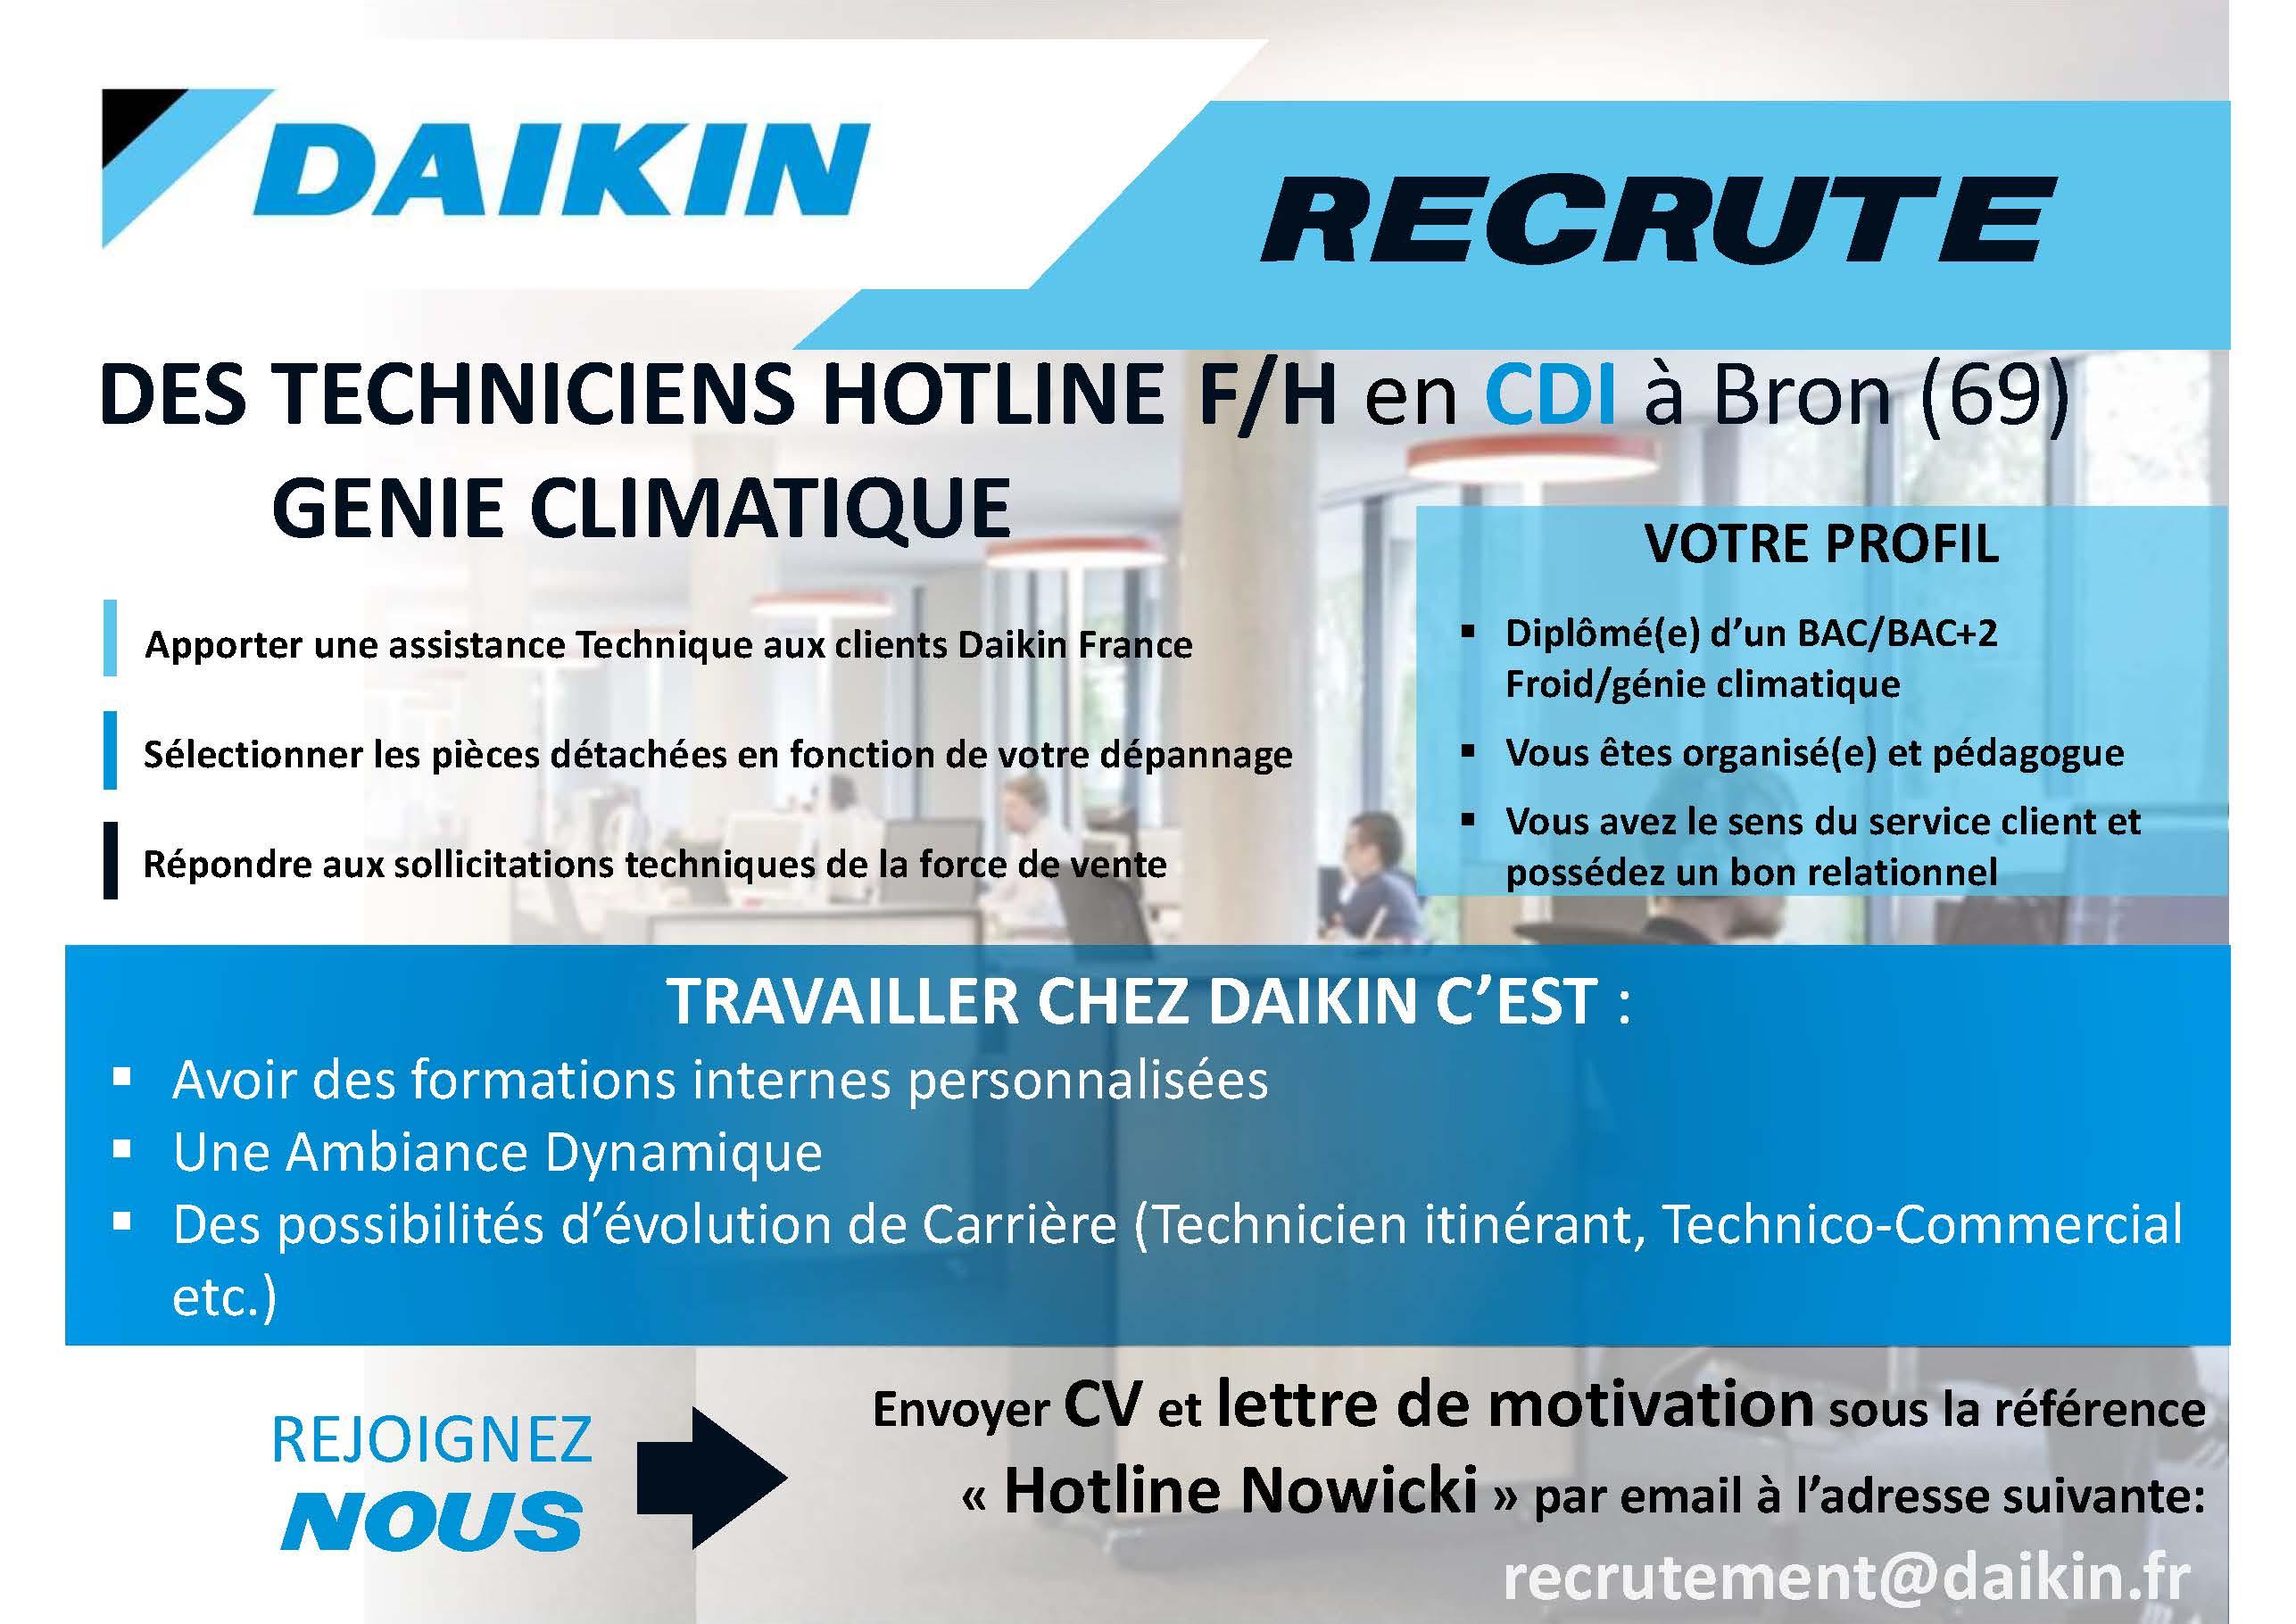 descriptif hotline daikin